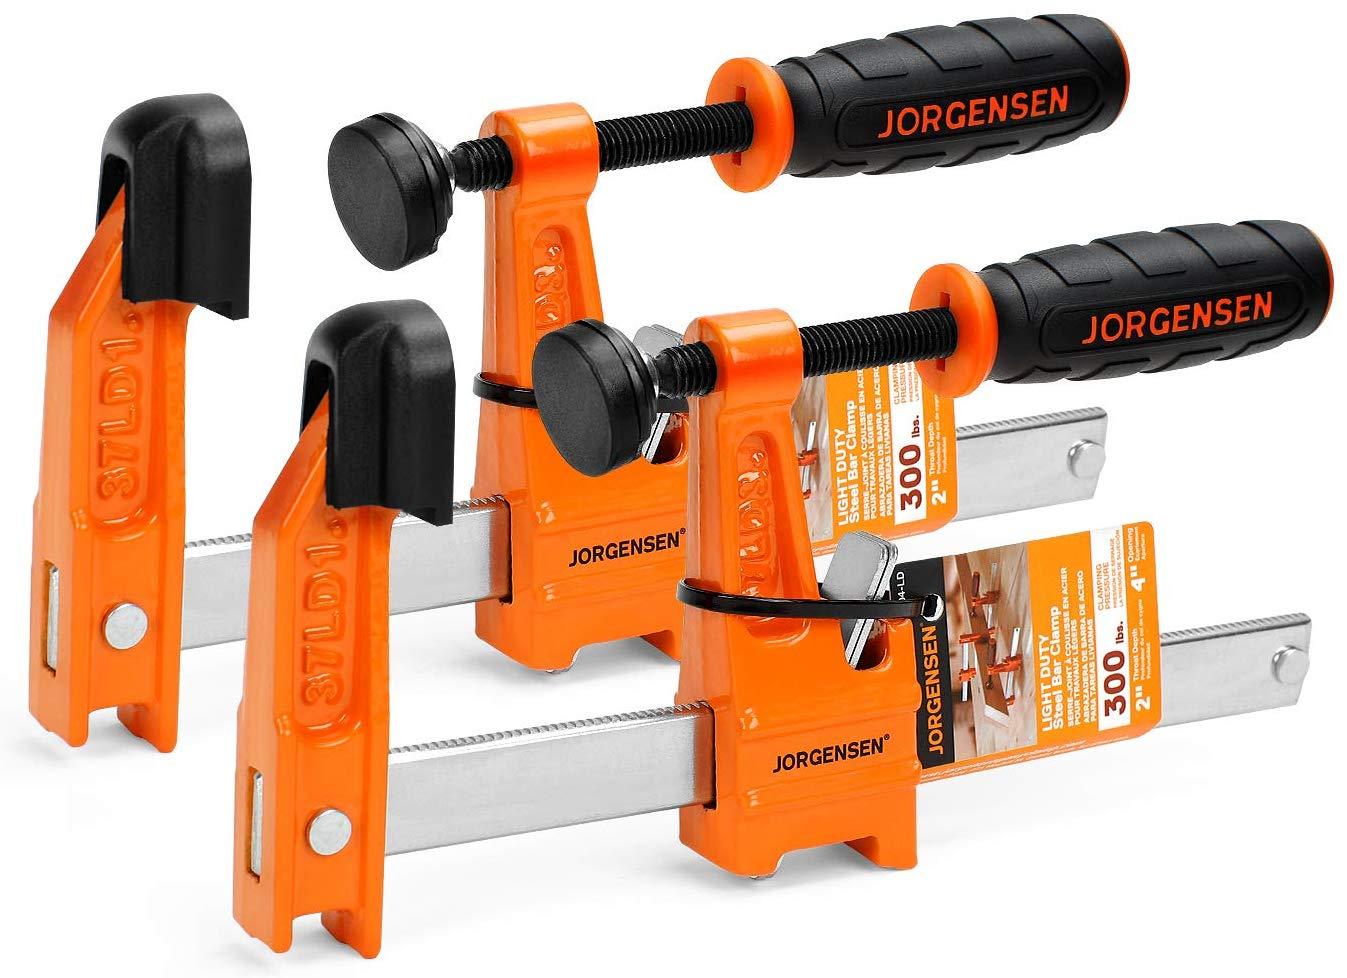 Jorgensen 2-Pack Steel Bar Clamp Set